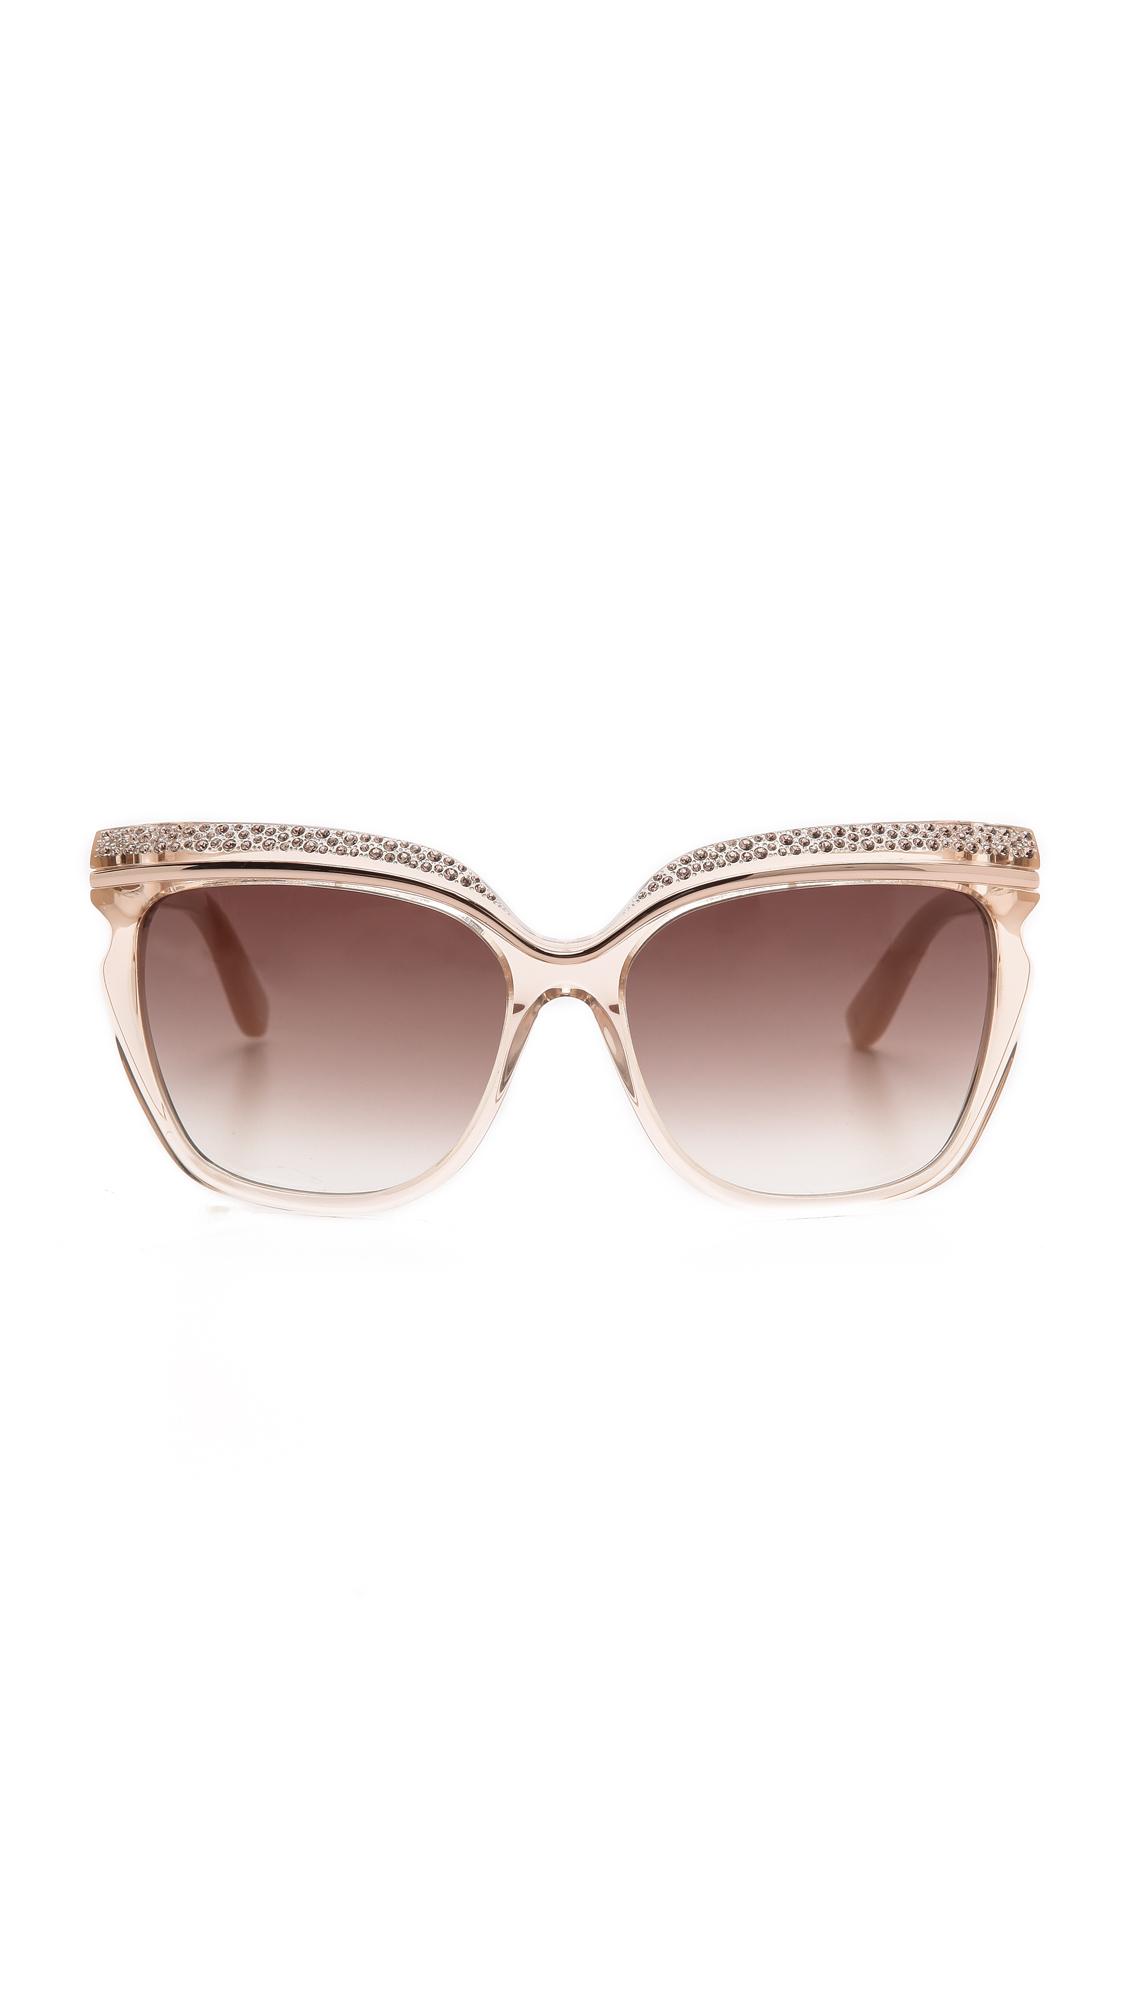 Jimmy Choo Cat Eye Sunglasses Beige Black